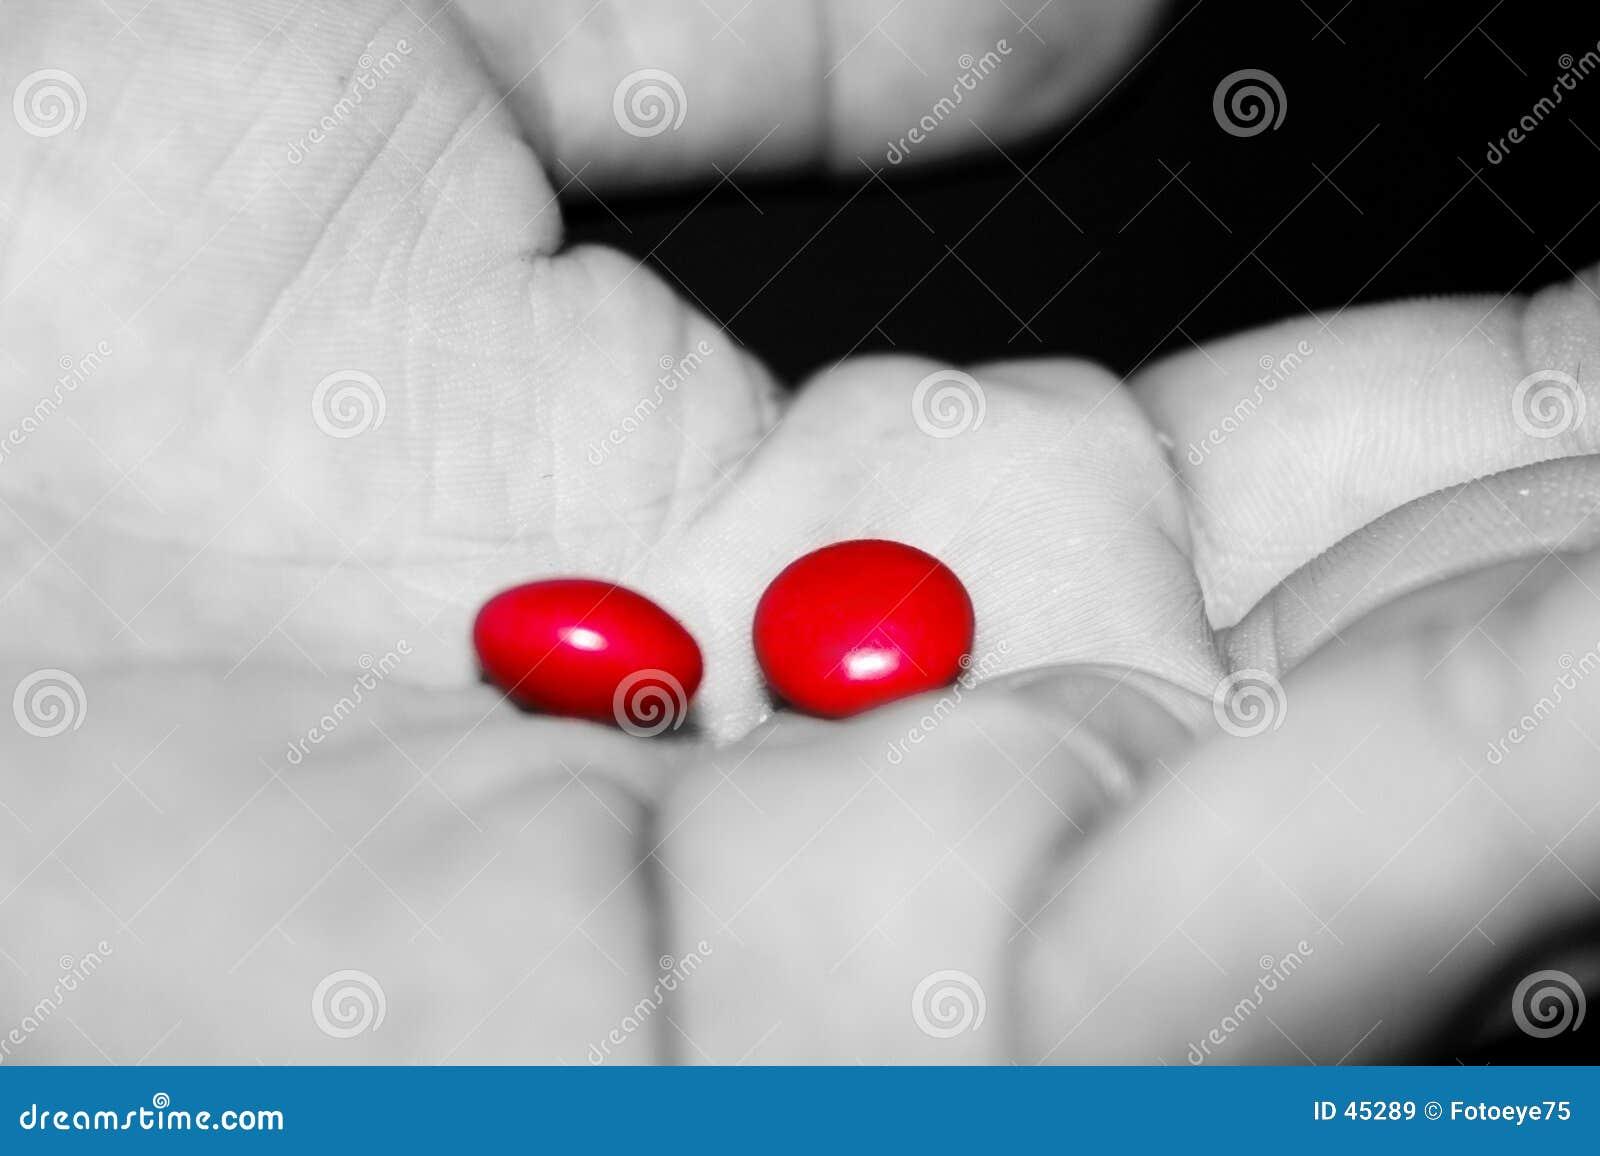 Nehmen Sie die rote Pille